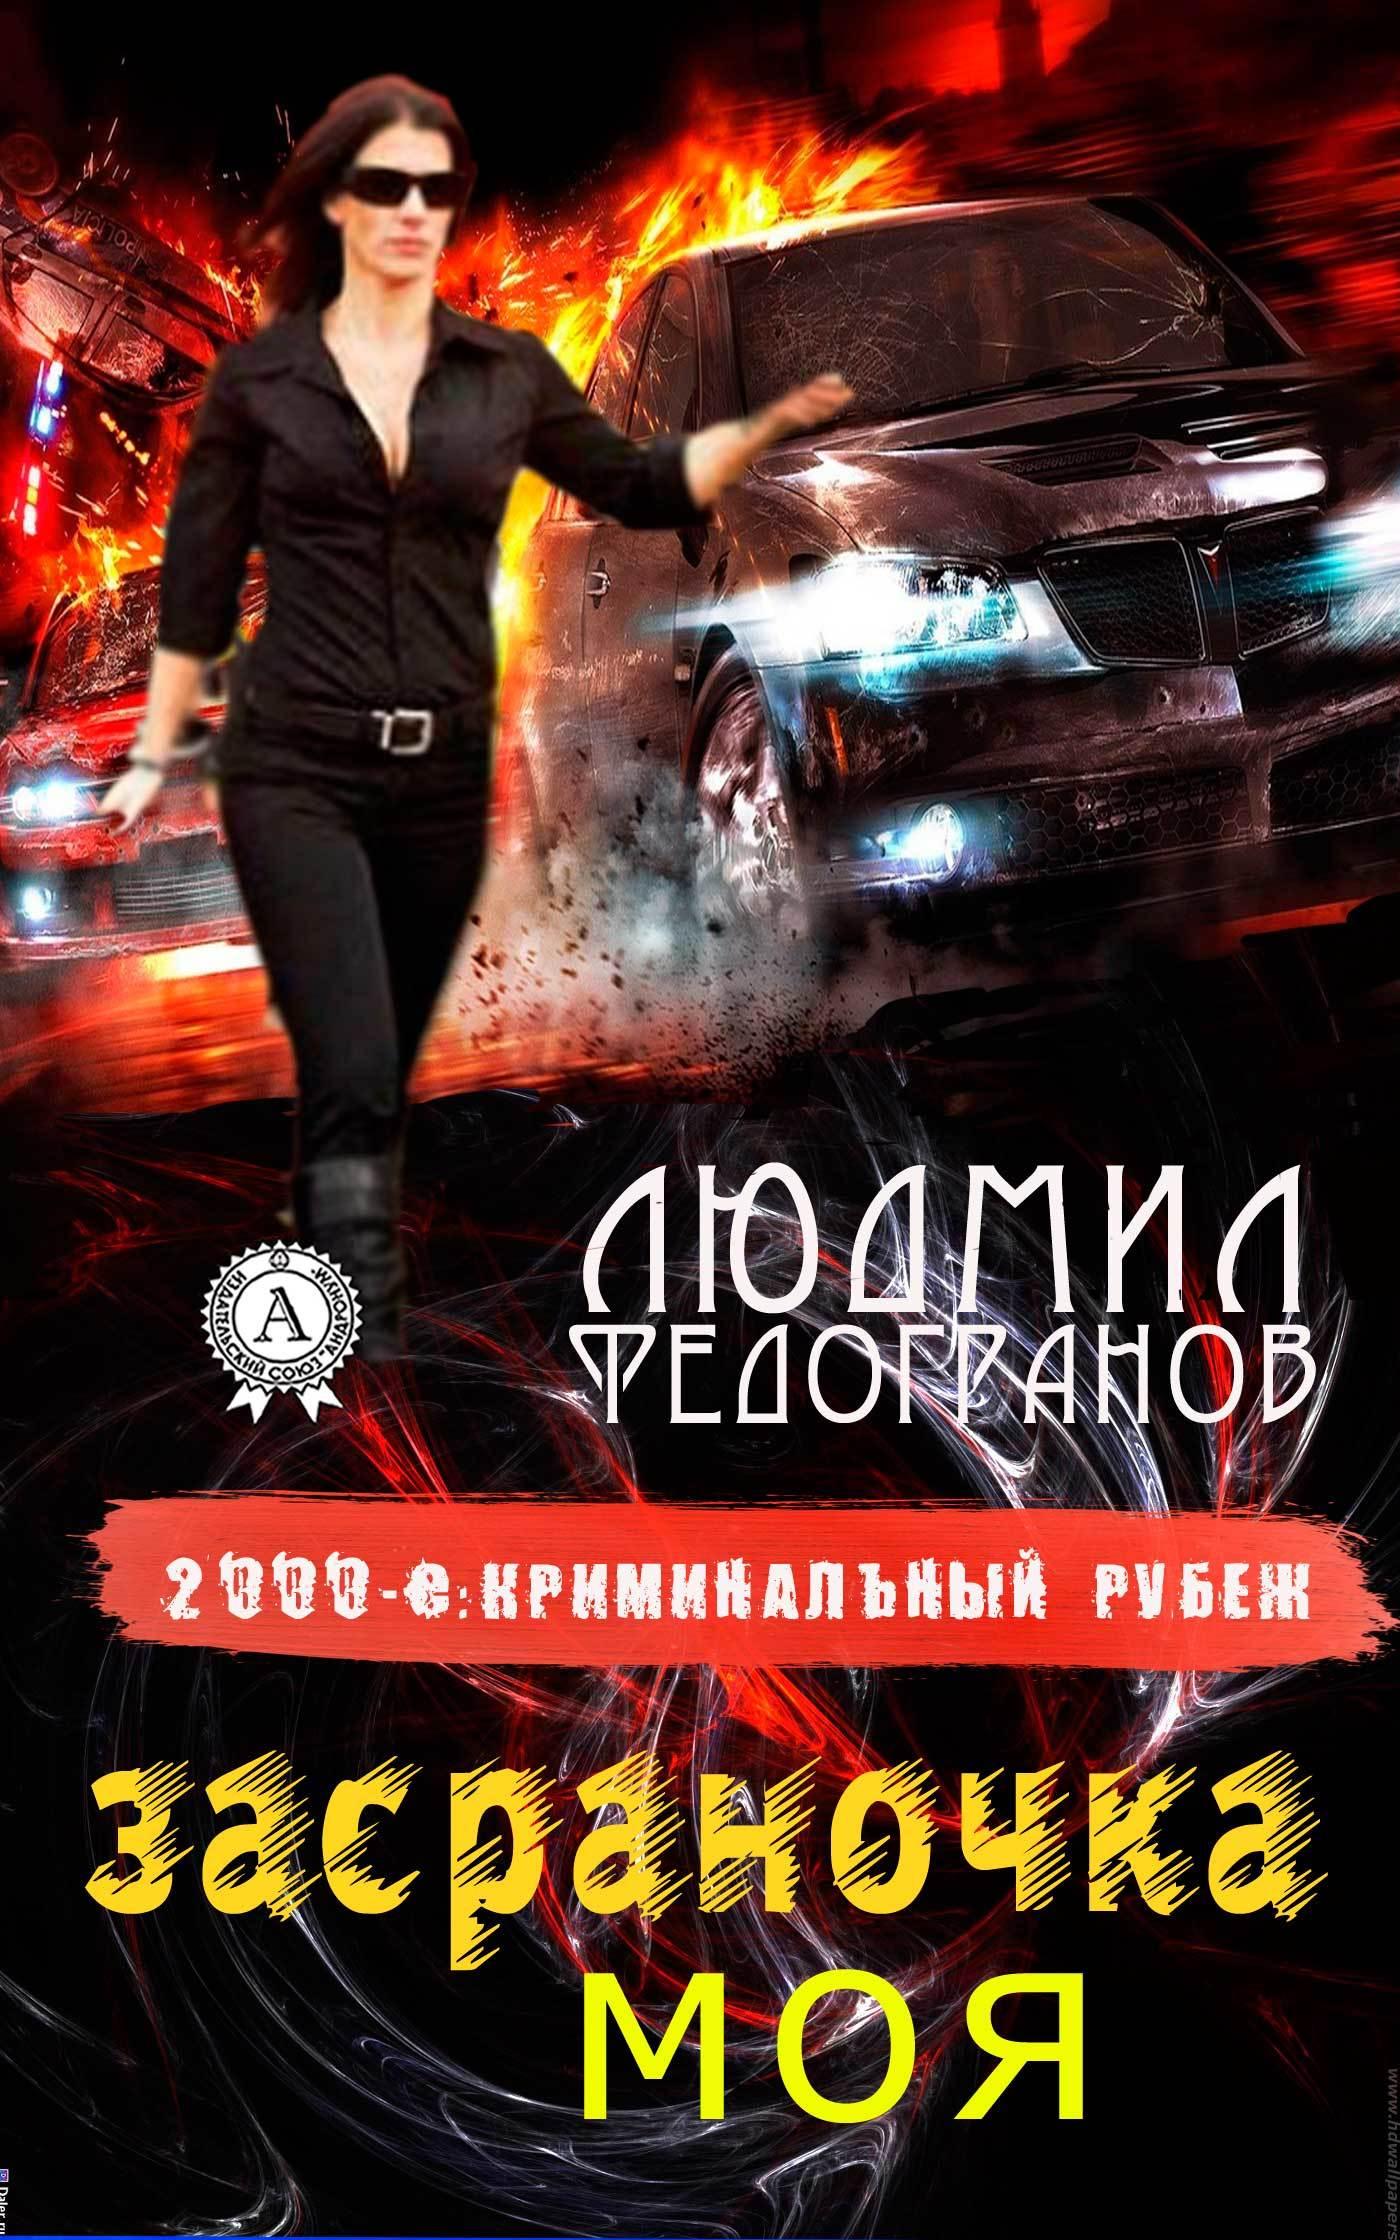 Людмил Федогранов. Засраночка моя